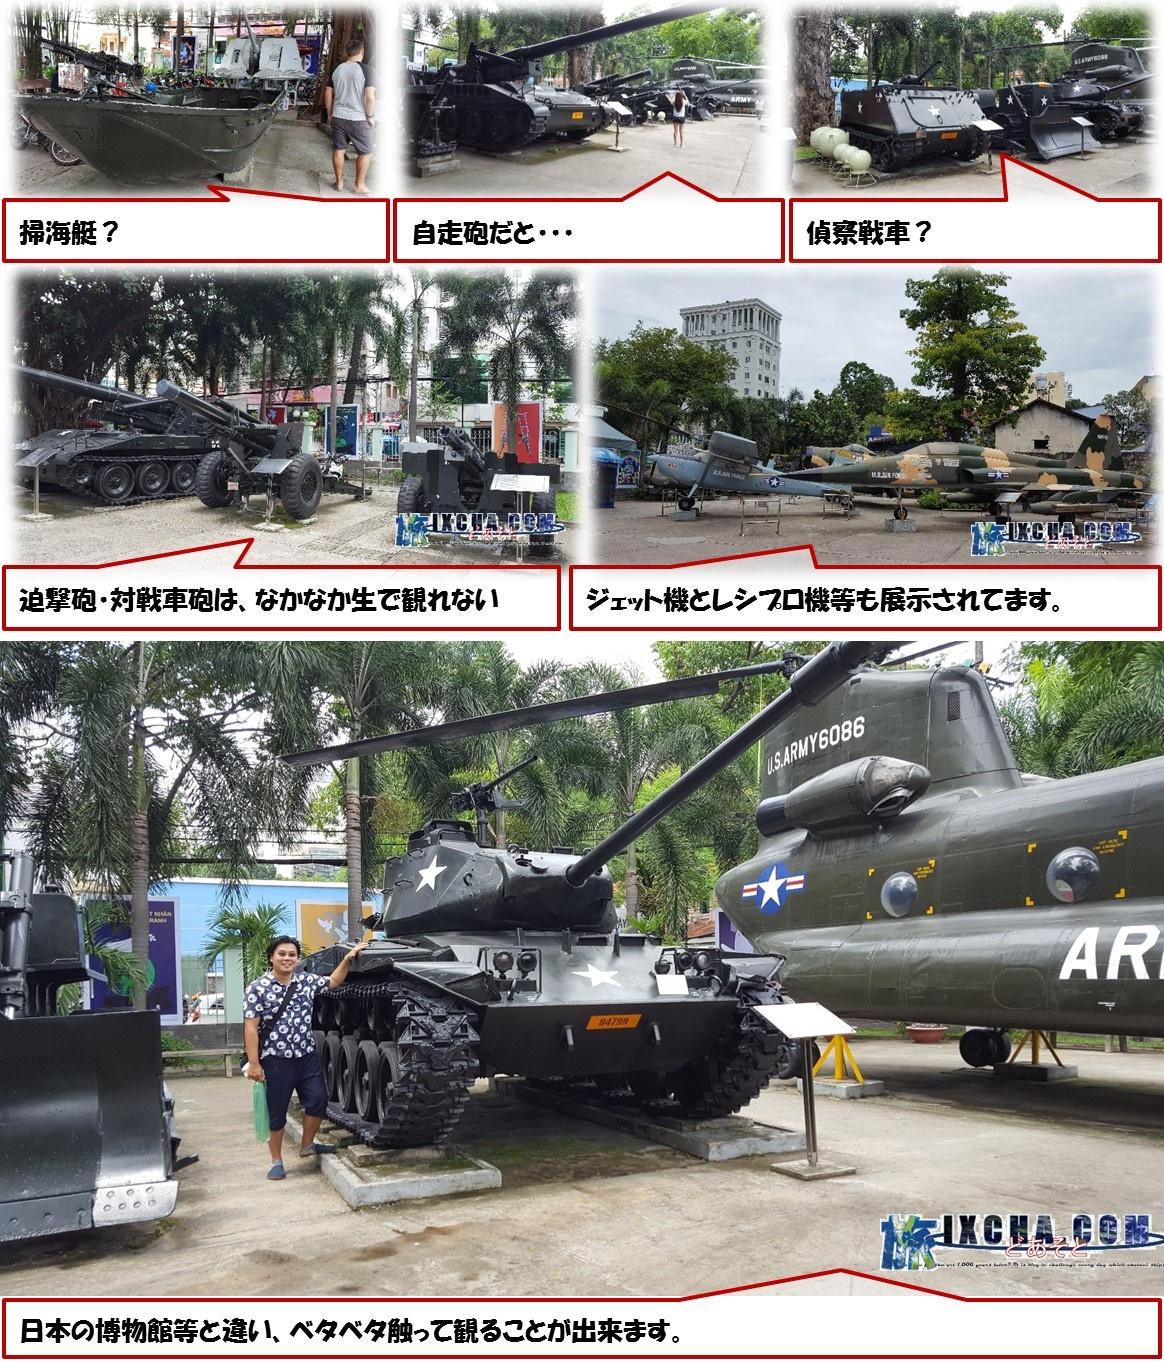 掃海艇? 自走砲だと・・・ 偵察戦車? 迫撃砲・対戦車砲は、なかなか生で観れない ジェット機とレシプロ機等も展示されてます。 日本の博物館等と違い、ベタベタ触って観ることが出来ます。